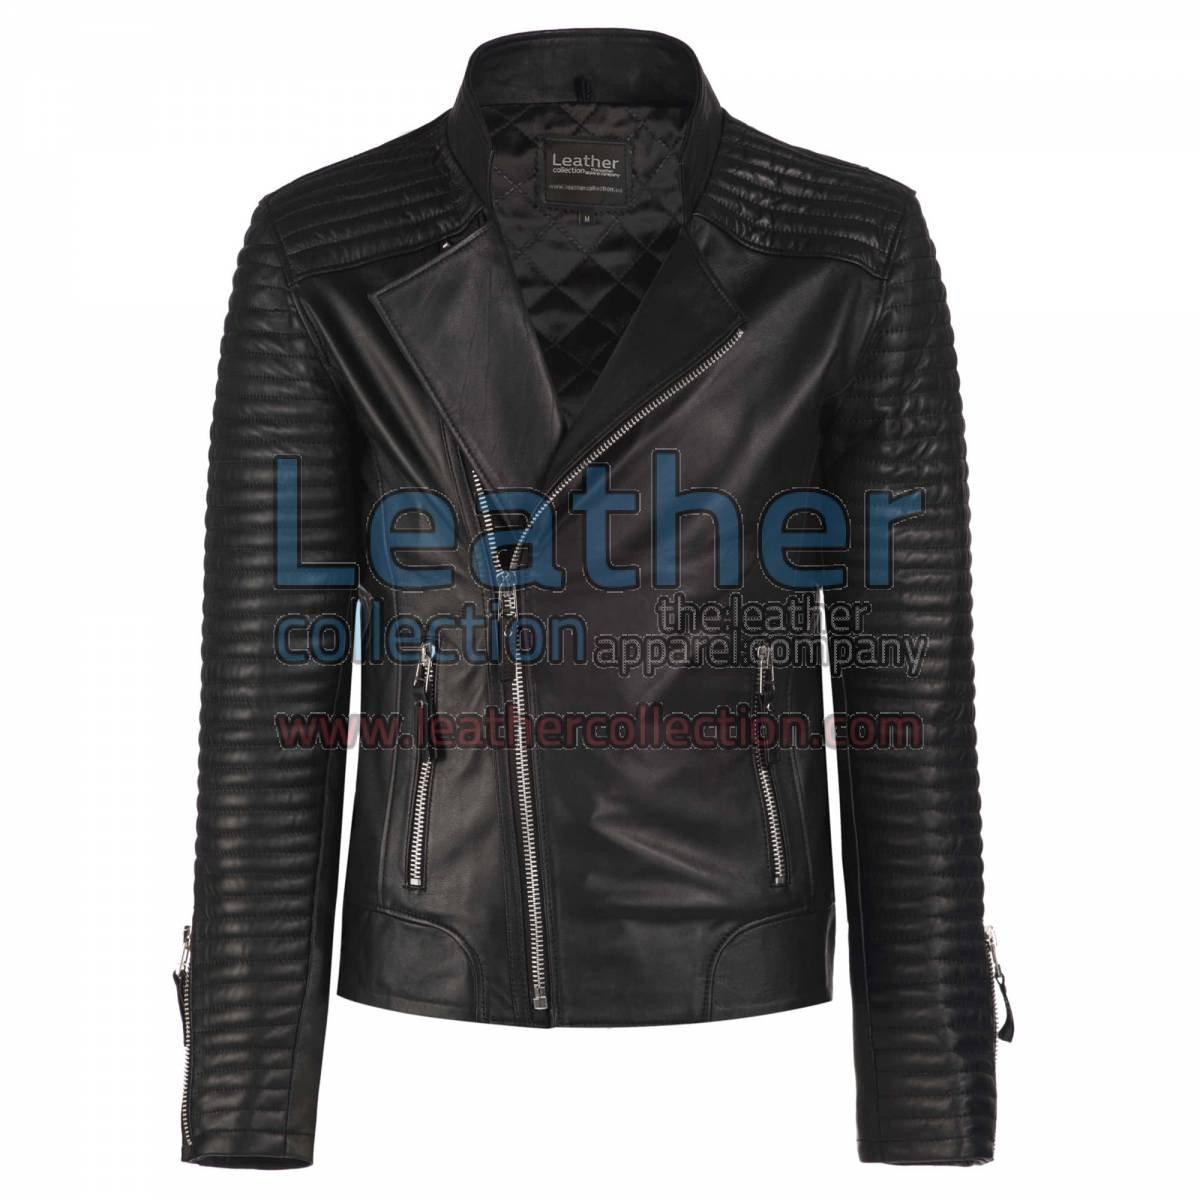 The Hunter Biker Leather Jacket